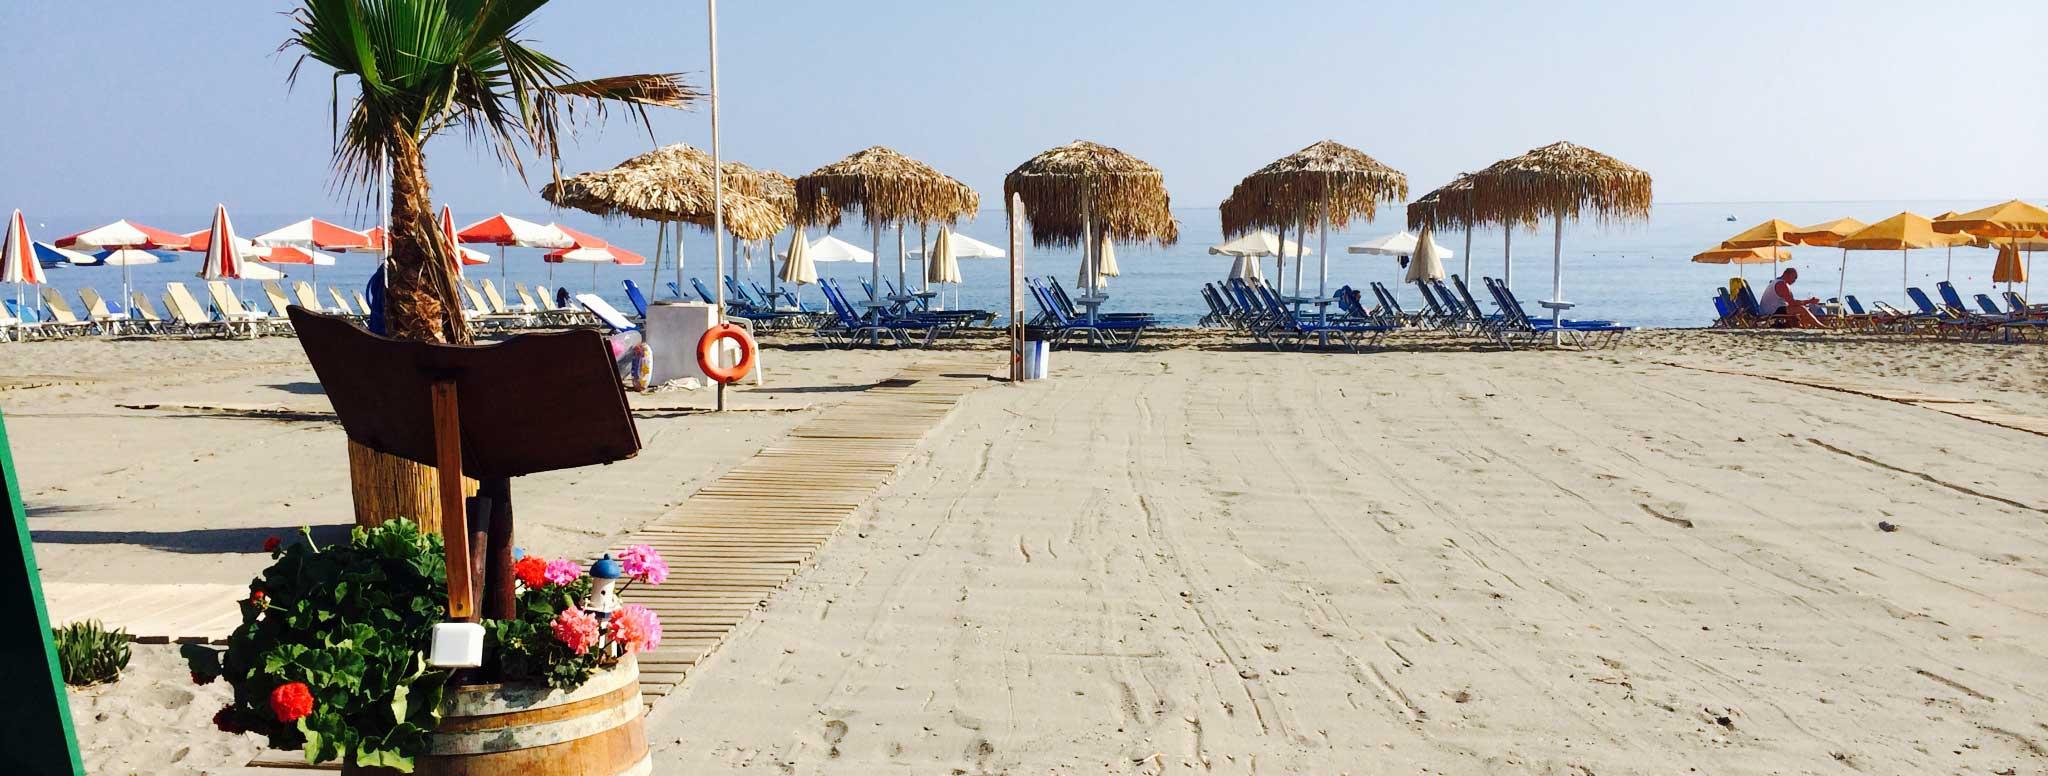 Sonio Beach Hotel - Sonio Beach--The beach